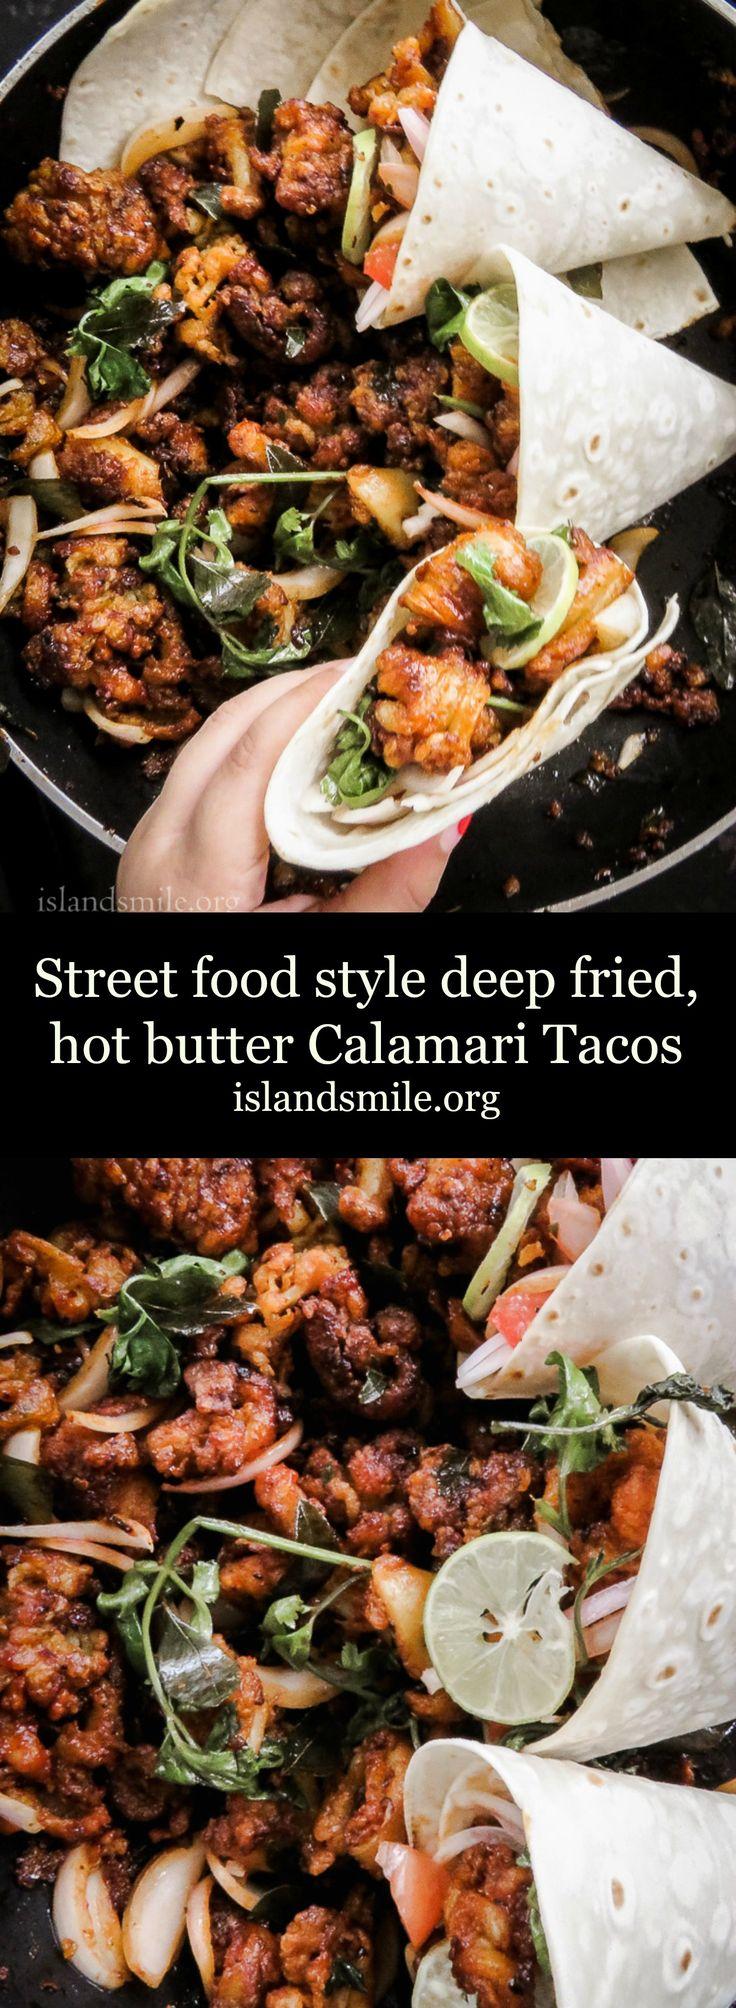 Street food style deep fried, hot butter Calamari Tacos image